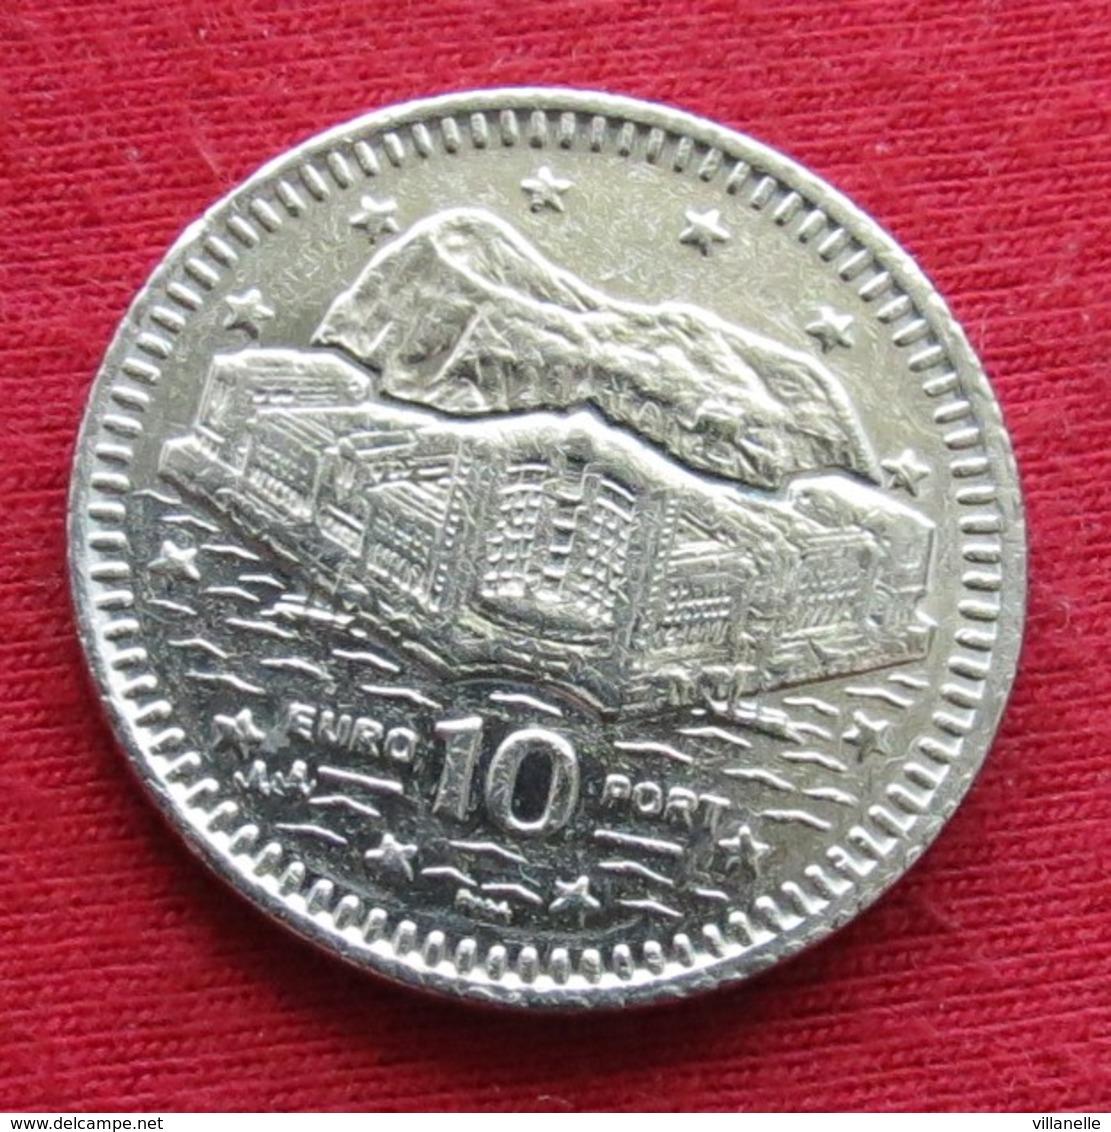 Gibraltar 10 Pence 2000 AA KM# 776 Gibilterra - Gibraltar